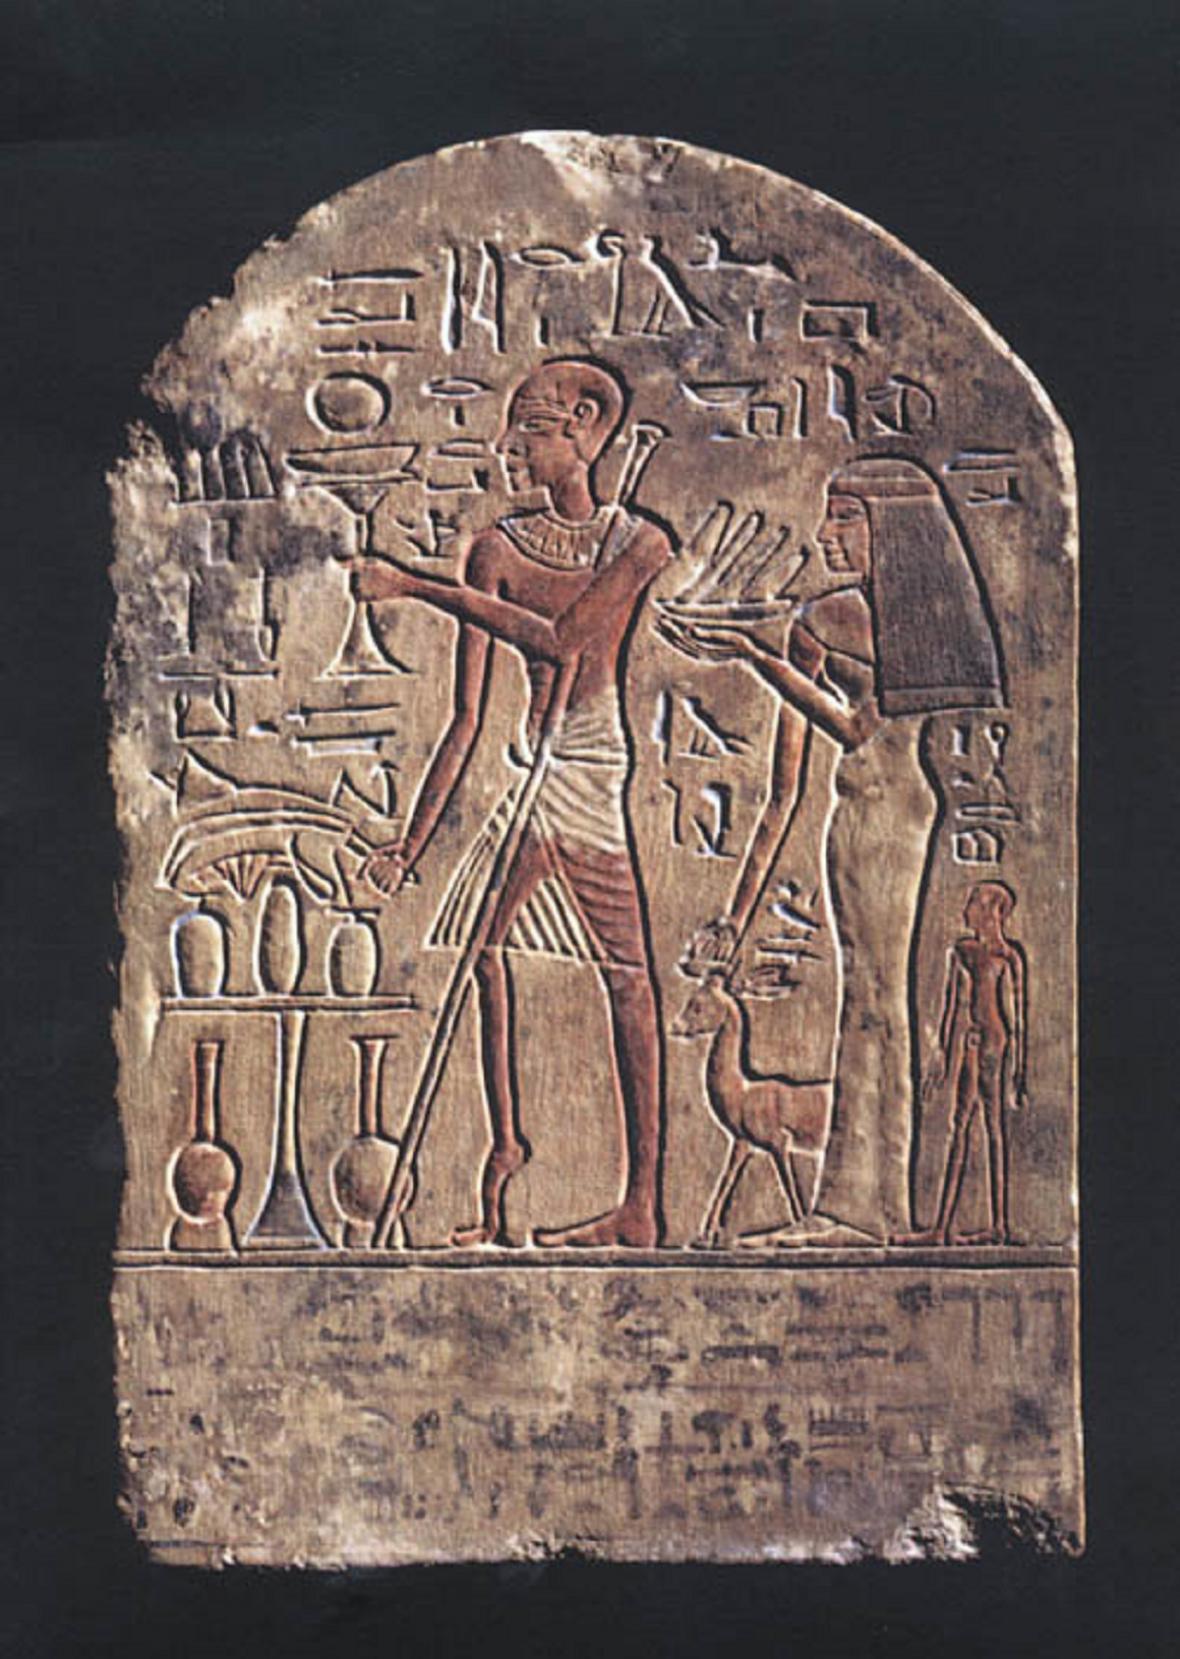 Egyptské stéla ukazuje, že tato nemoc existovala už ve starověku